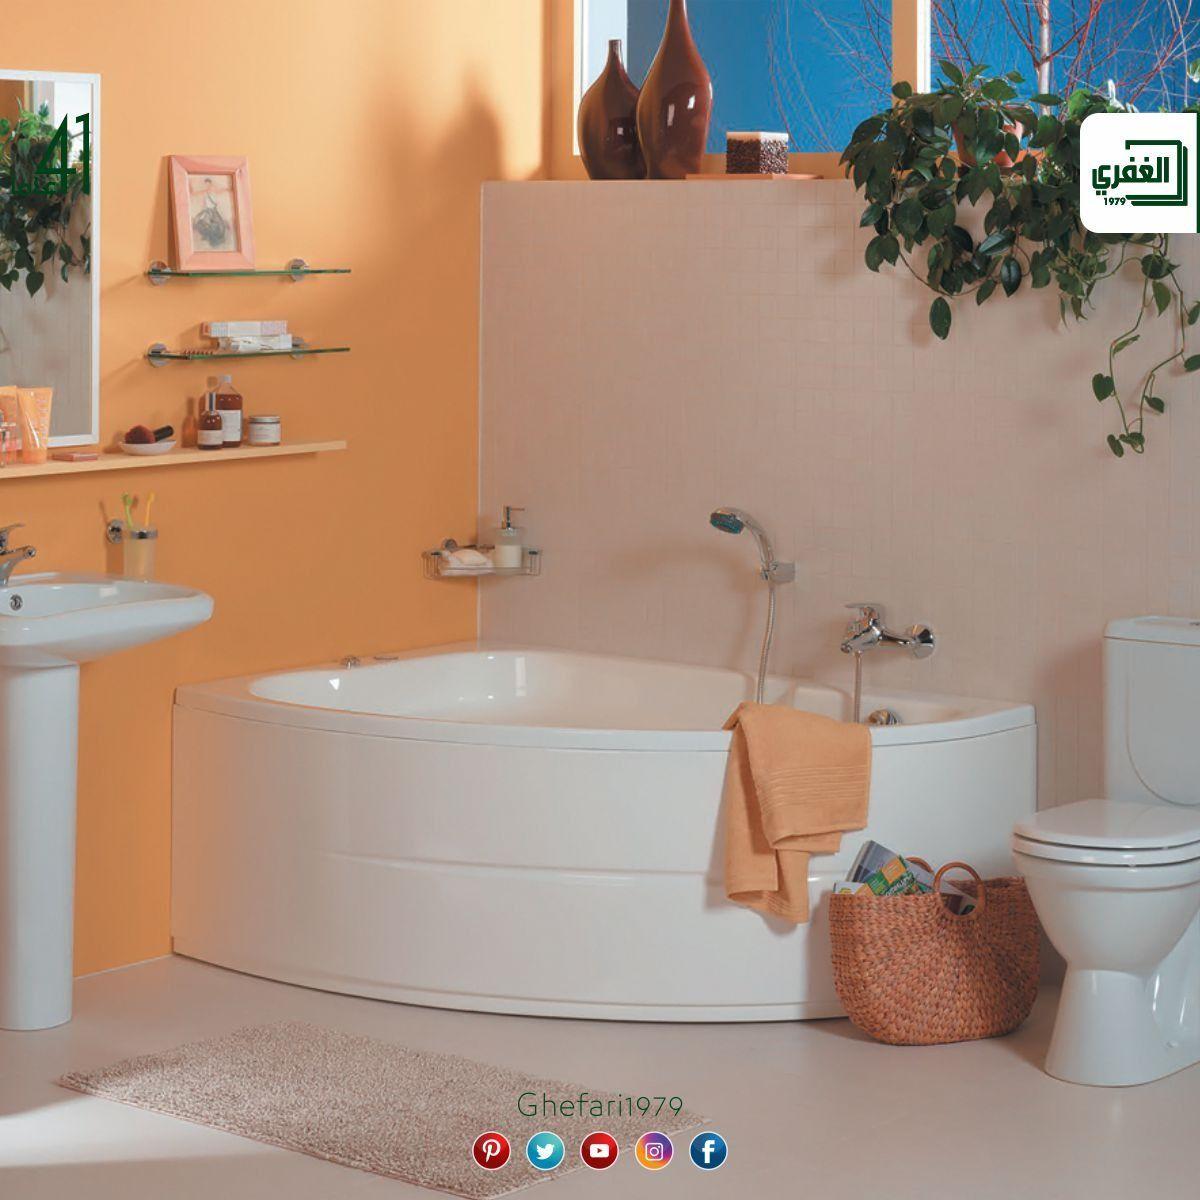 من شركة Vitra Turkiye بانيو شراع اكريليك متوفر مقاسات 150x100 Cm للمزيد زورونا على موقع الشركة Https Www Ghefari Com Ar Vit Corner Bathtub Bathtub Bathroom